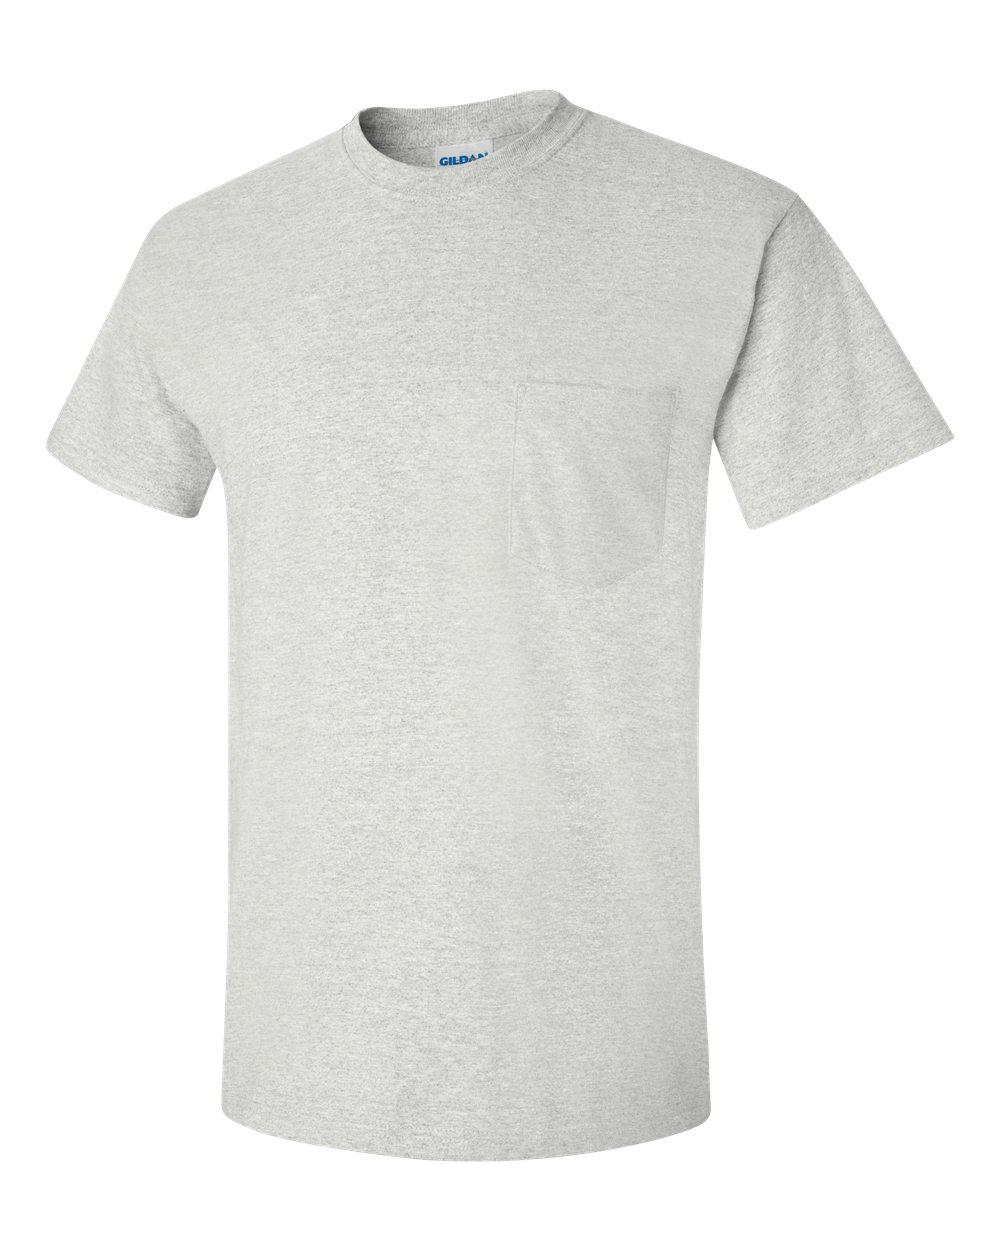 Crewneck Collar T Shirts Wholesale Crewneck Collar Tees In Bulk